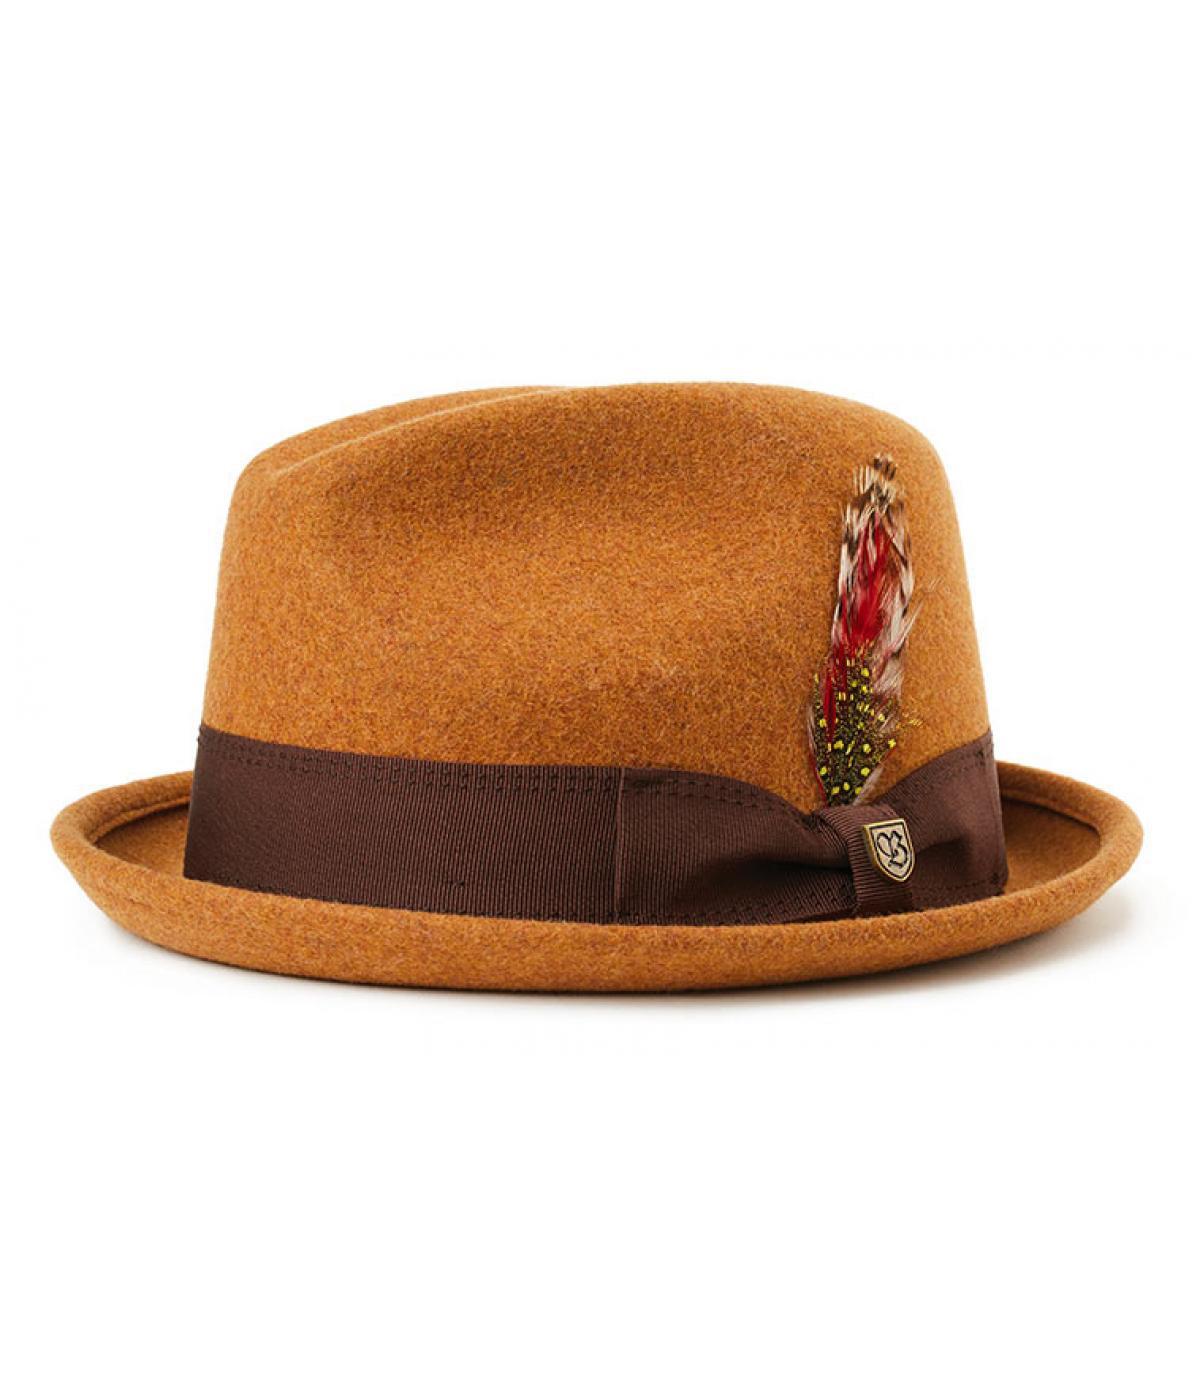 Sombrero marron - Compra venta de Sombreros marrones. Primera sombrerería  en línea. Entrega en 48 72horas. 0c23ad68b42